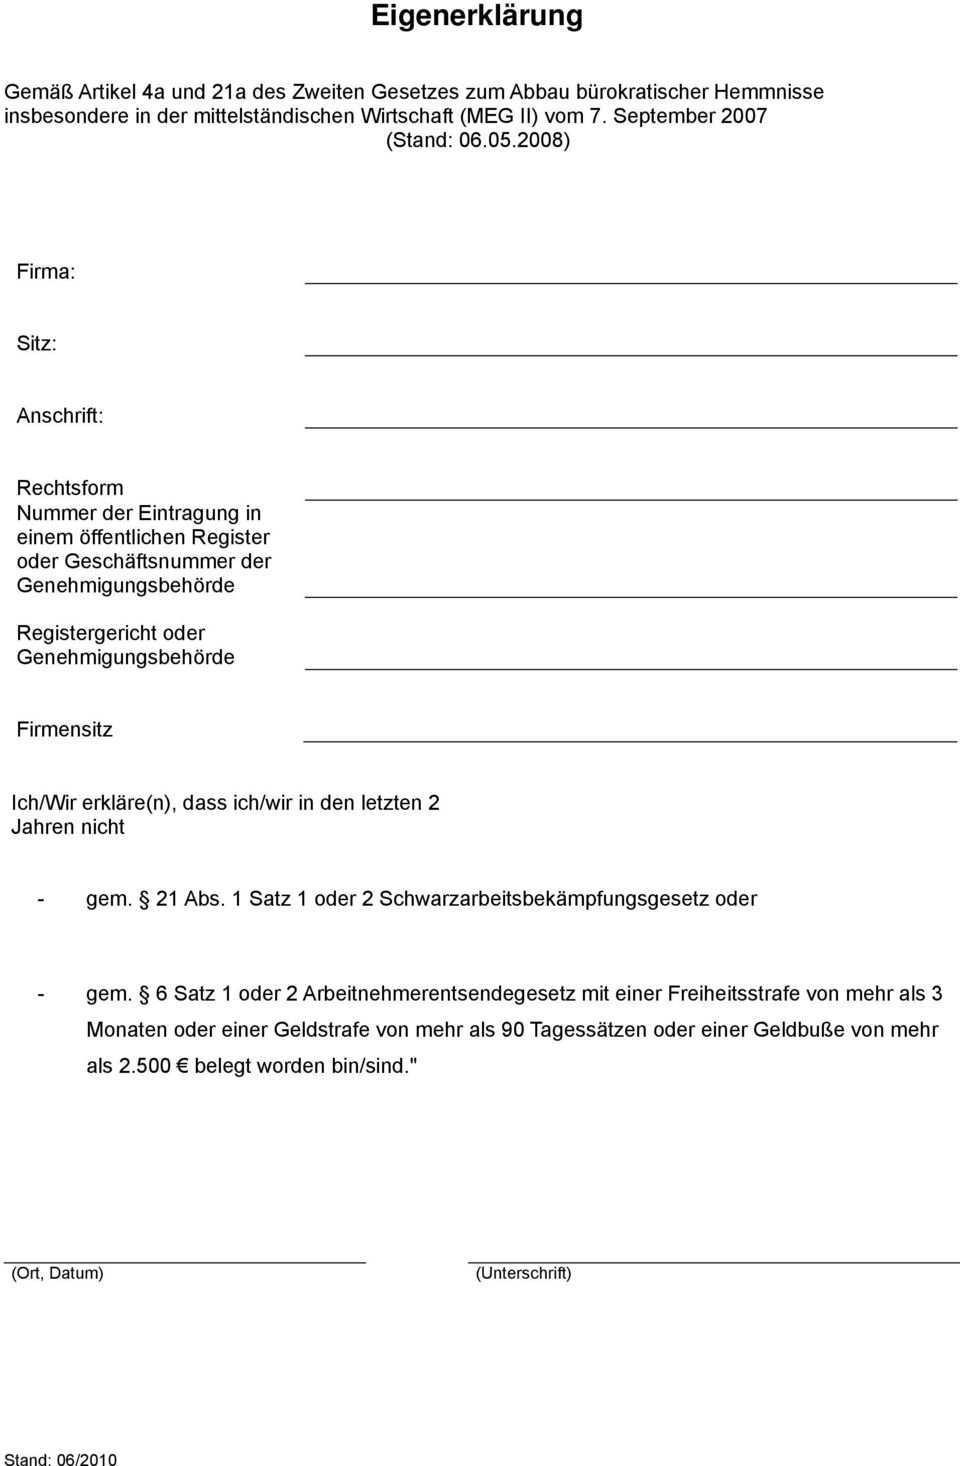 Eigenerklarung Gem 21 Abs 1 Satz 1 Oder 2 Schwarzarbeitsbekampfungsgesetz Oder Pdf Free Download